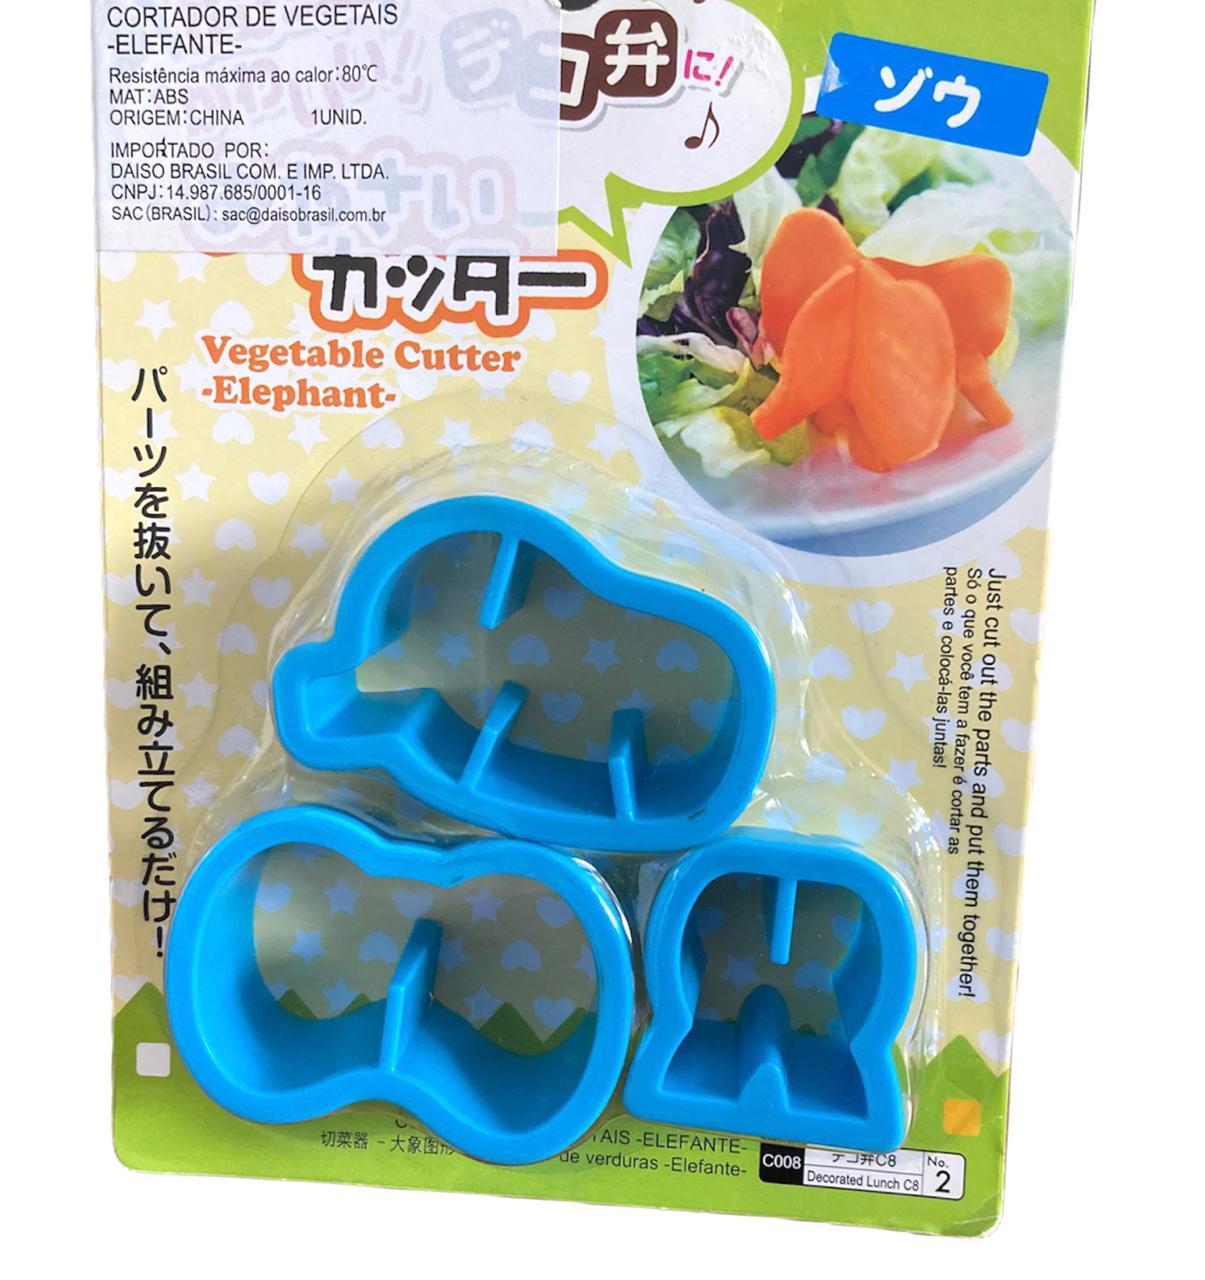 Cortador Vegetais Elefante (3 peças)